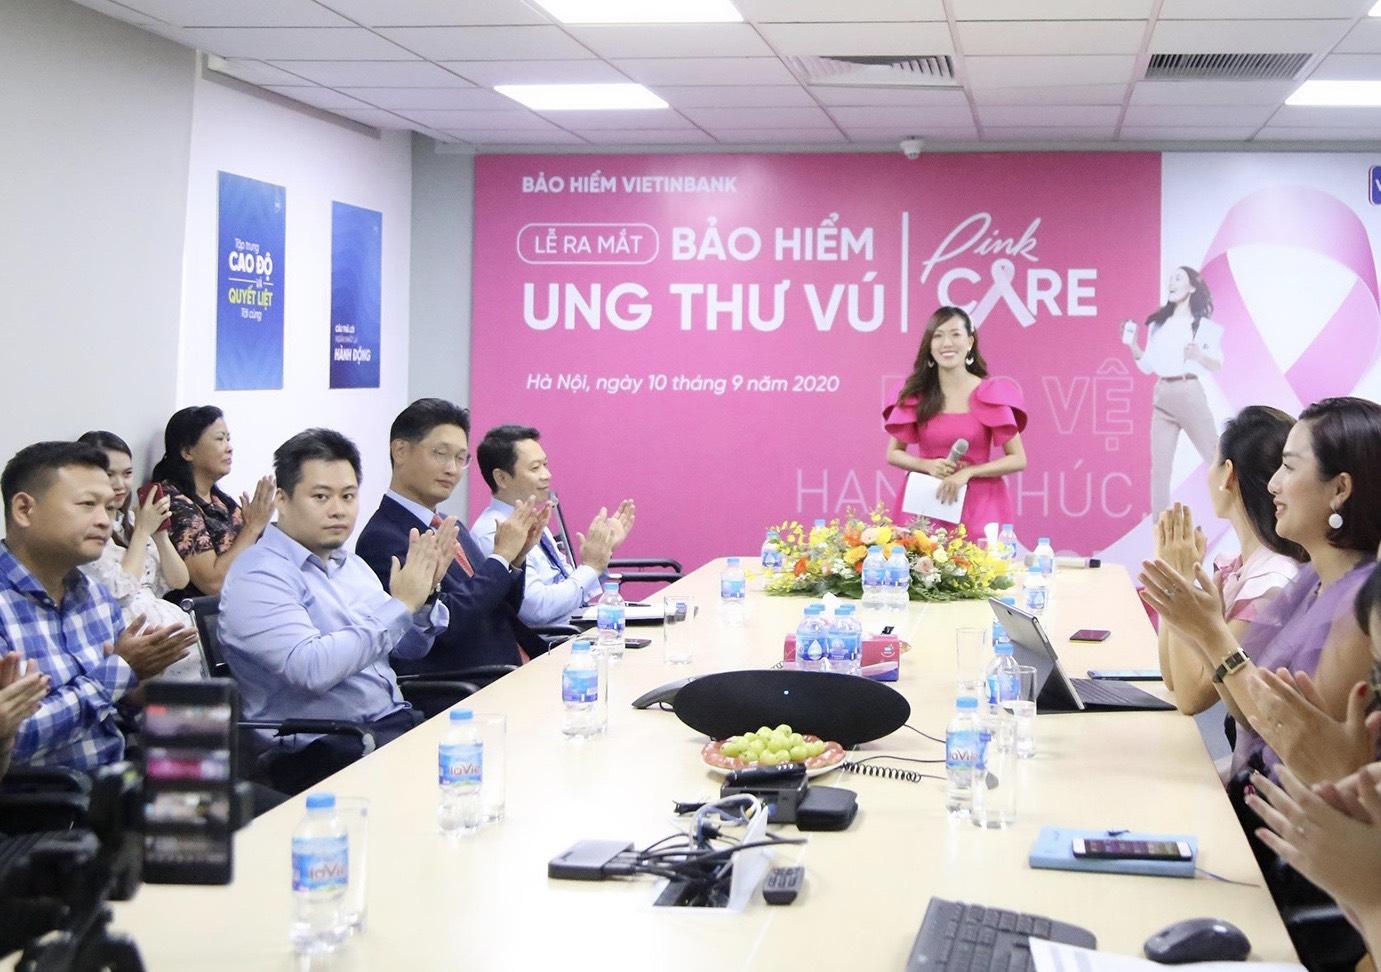 VBI Ra Mắt Bảo Hiểm Ung Thư Vú - Pinkcare